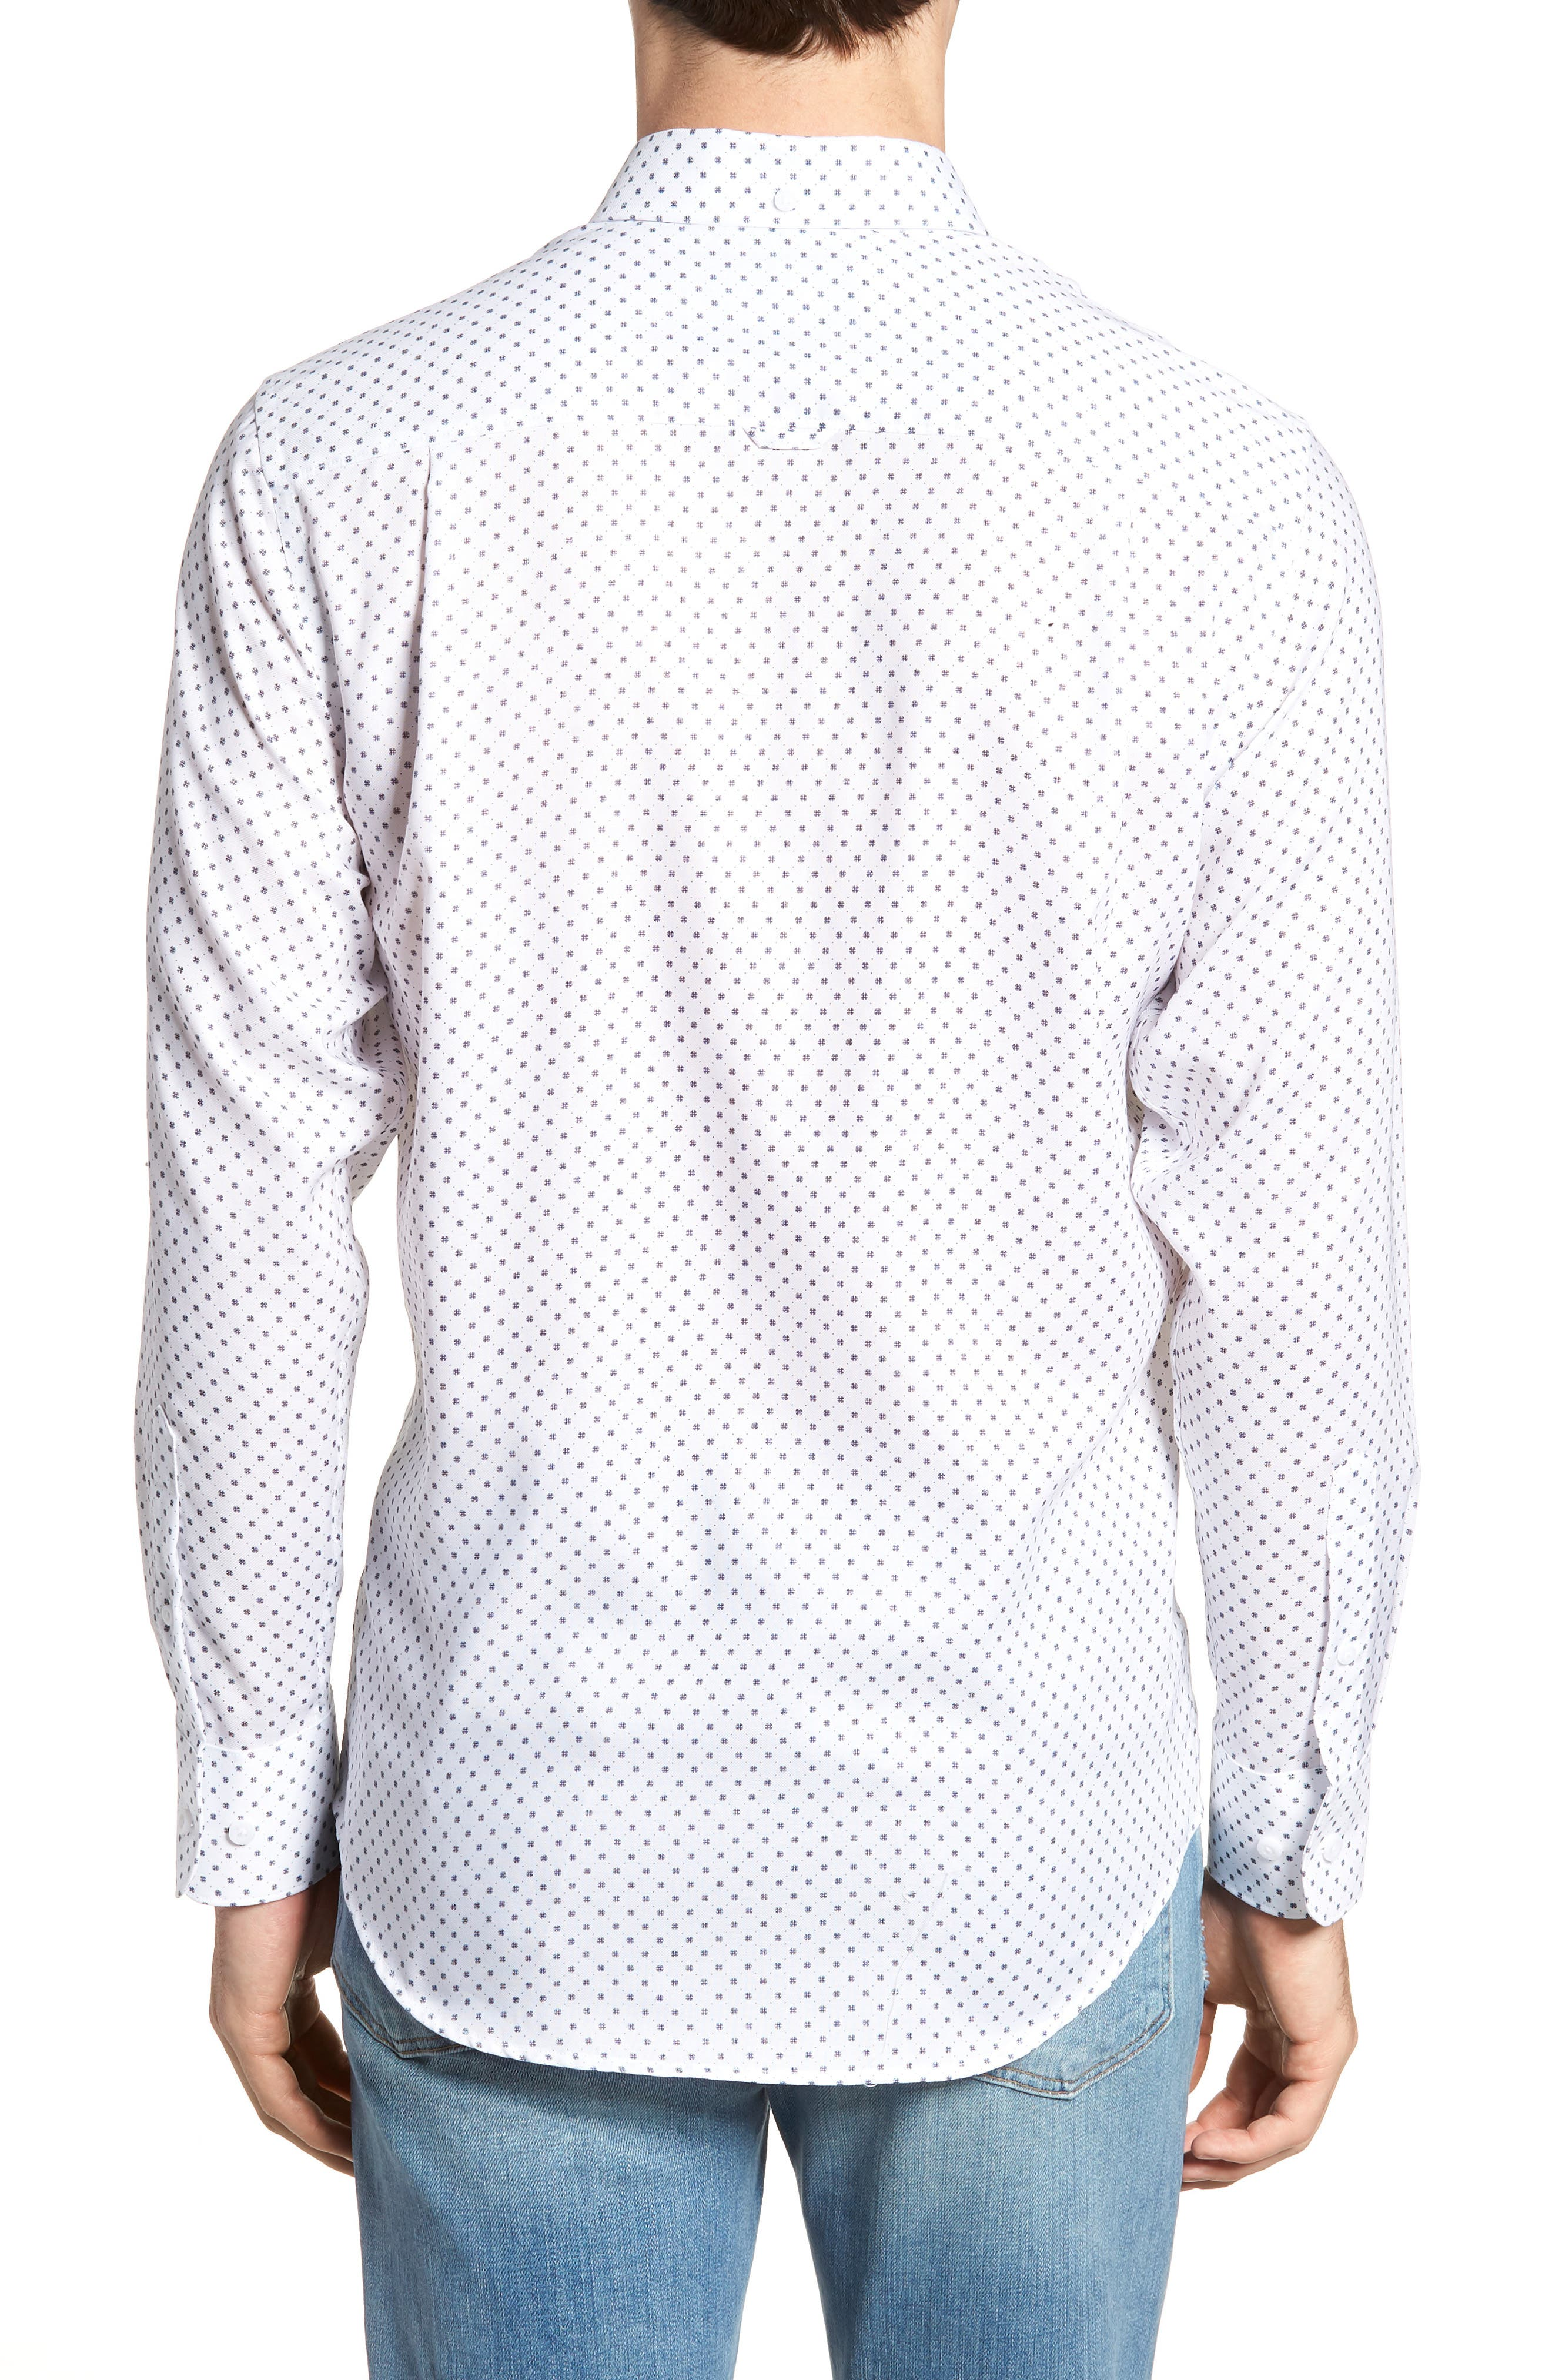 Regular Fit Dobby Print Sport Shirt,                             Alternate thumbnail 3, color,                             White Navy Dobby Print